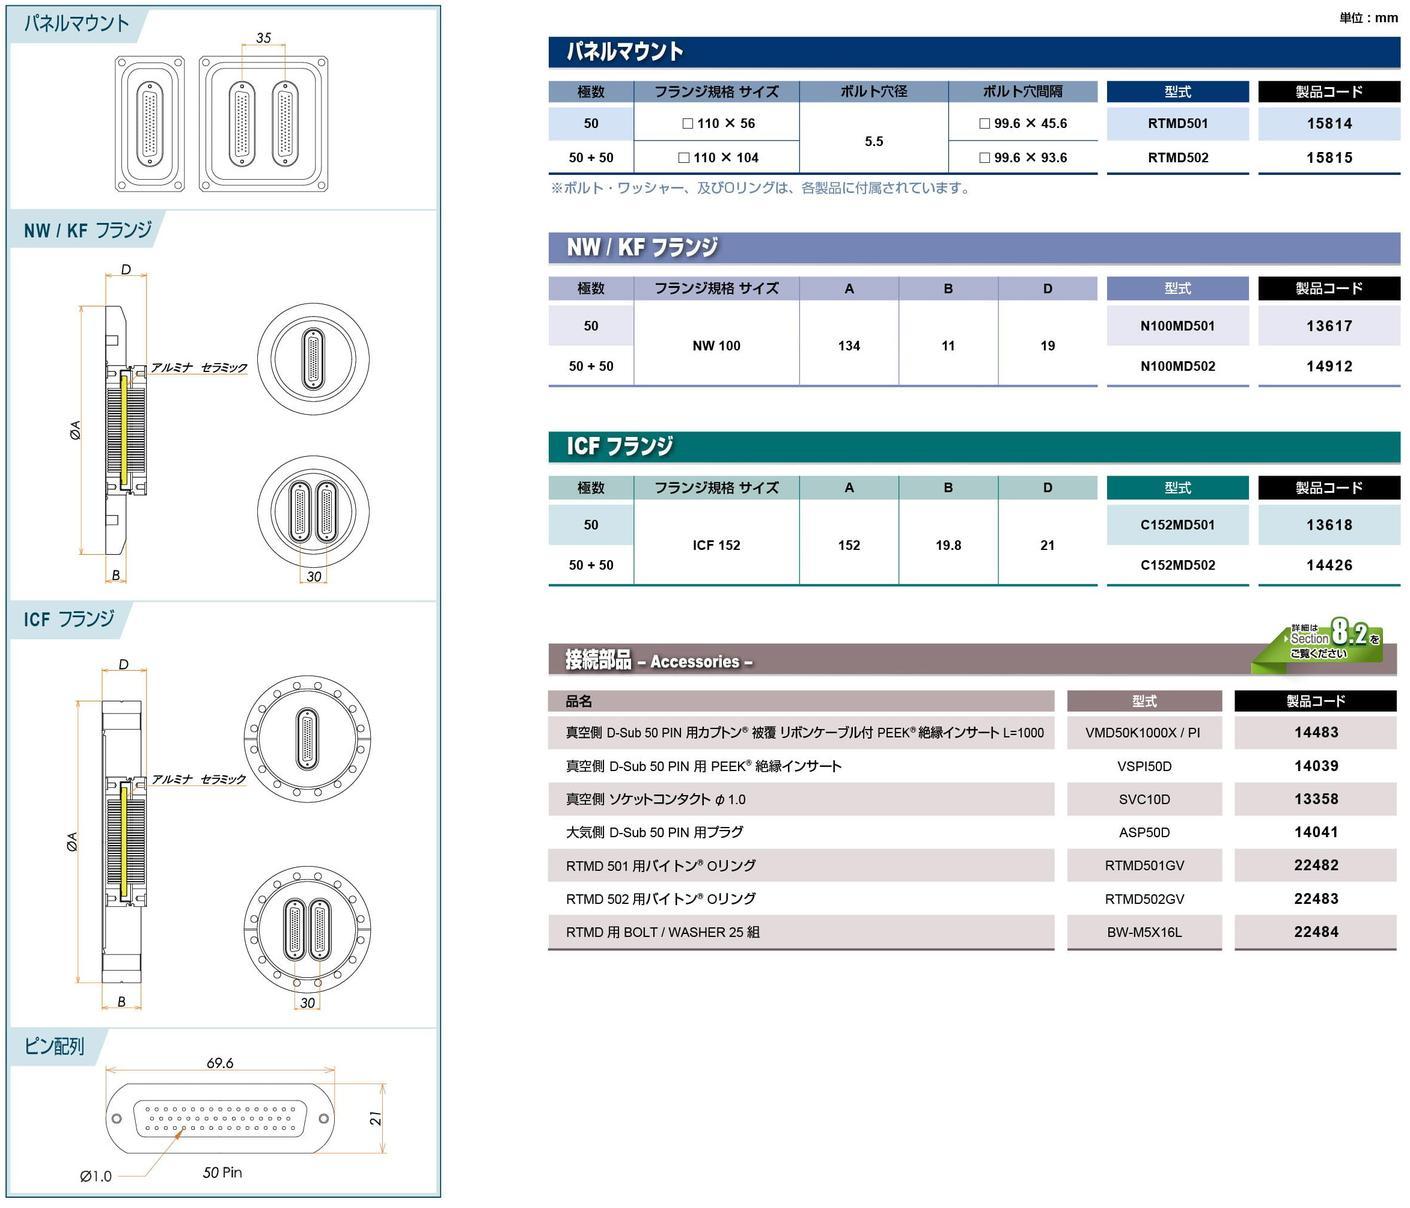 フィードスルー 多ピン D-Sub (MIL-C-24308) 50PIN カタログ画像